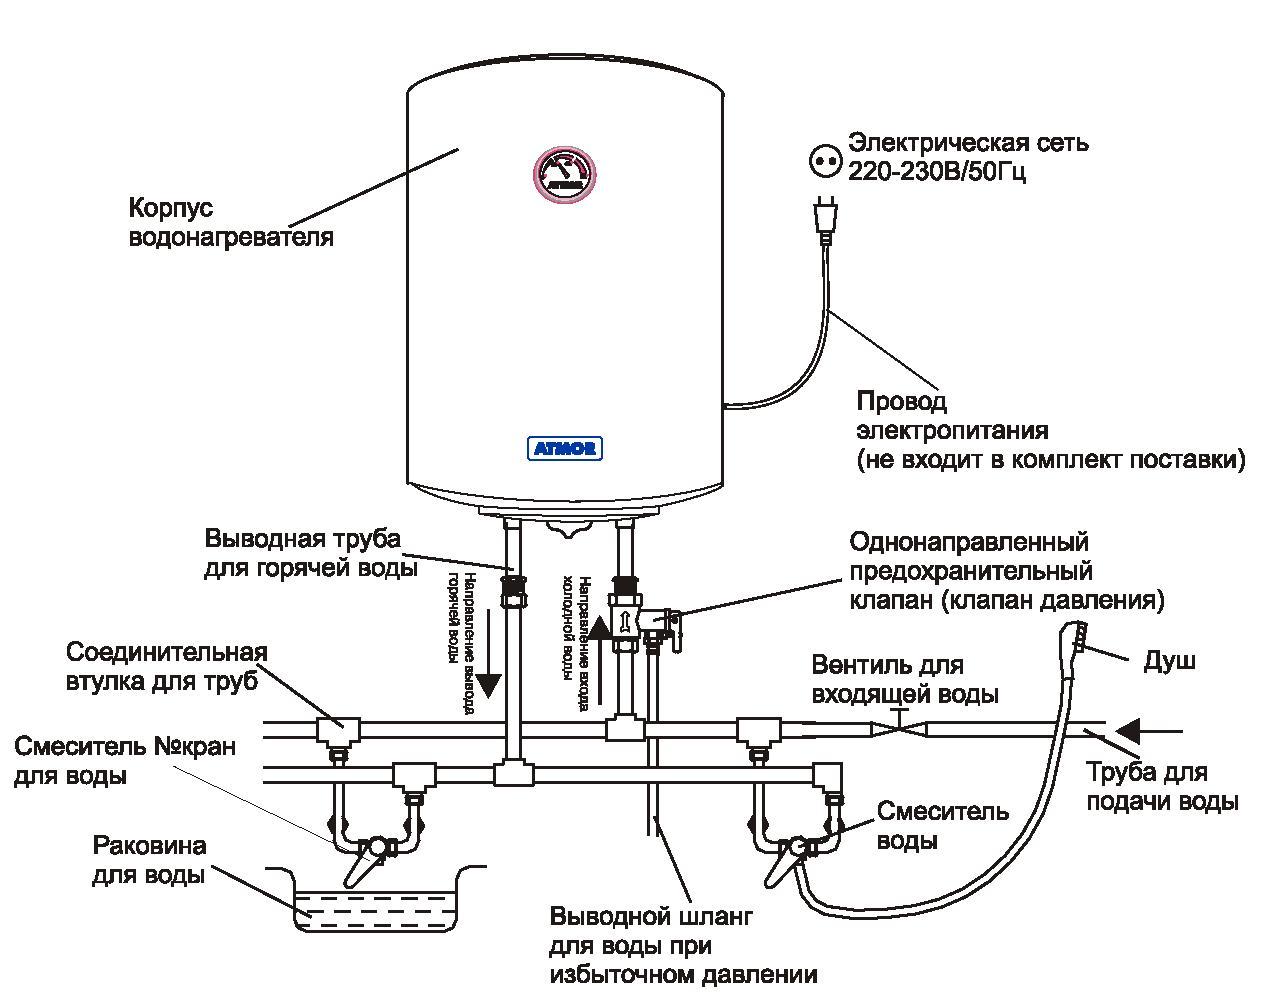 масляный обогреватель схема электрическая